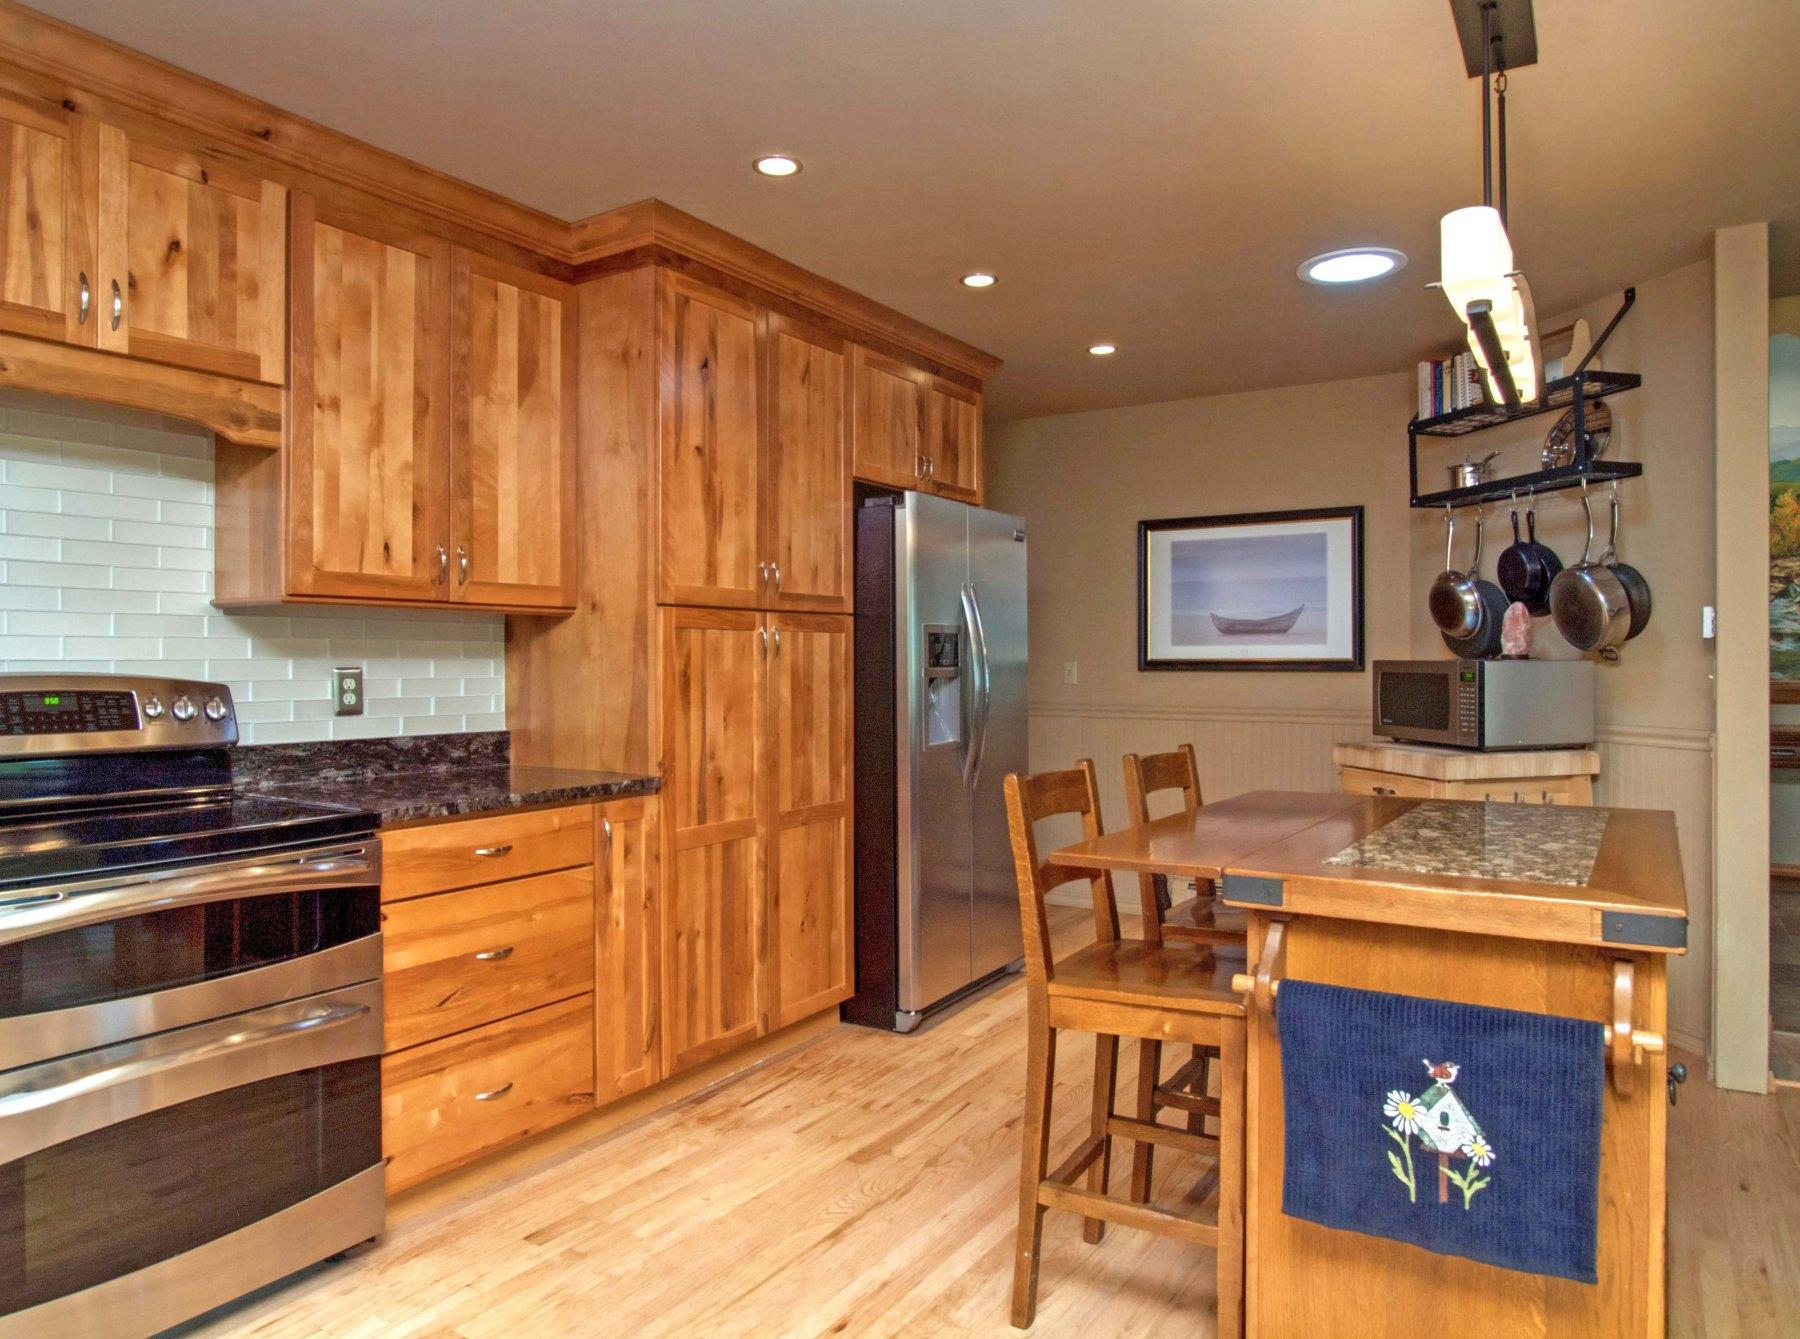 13-782-Kitchen2.jpg